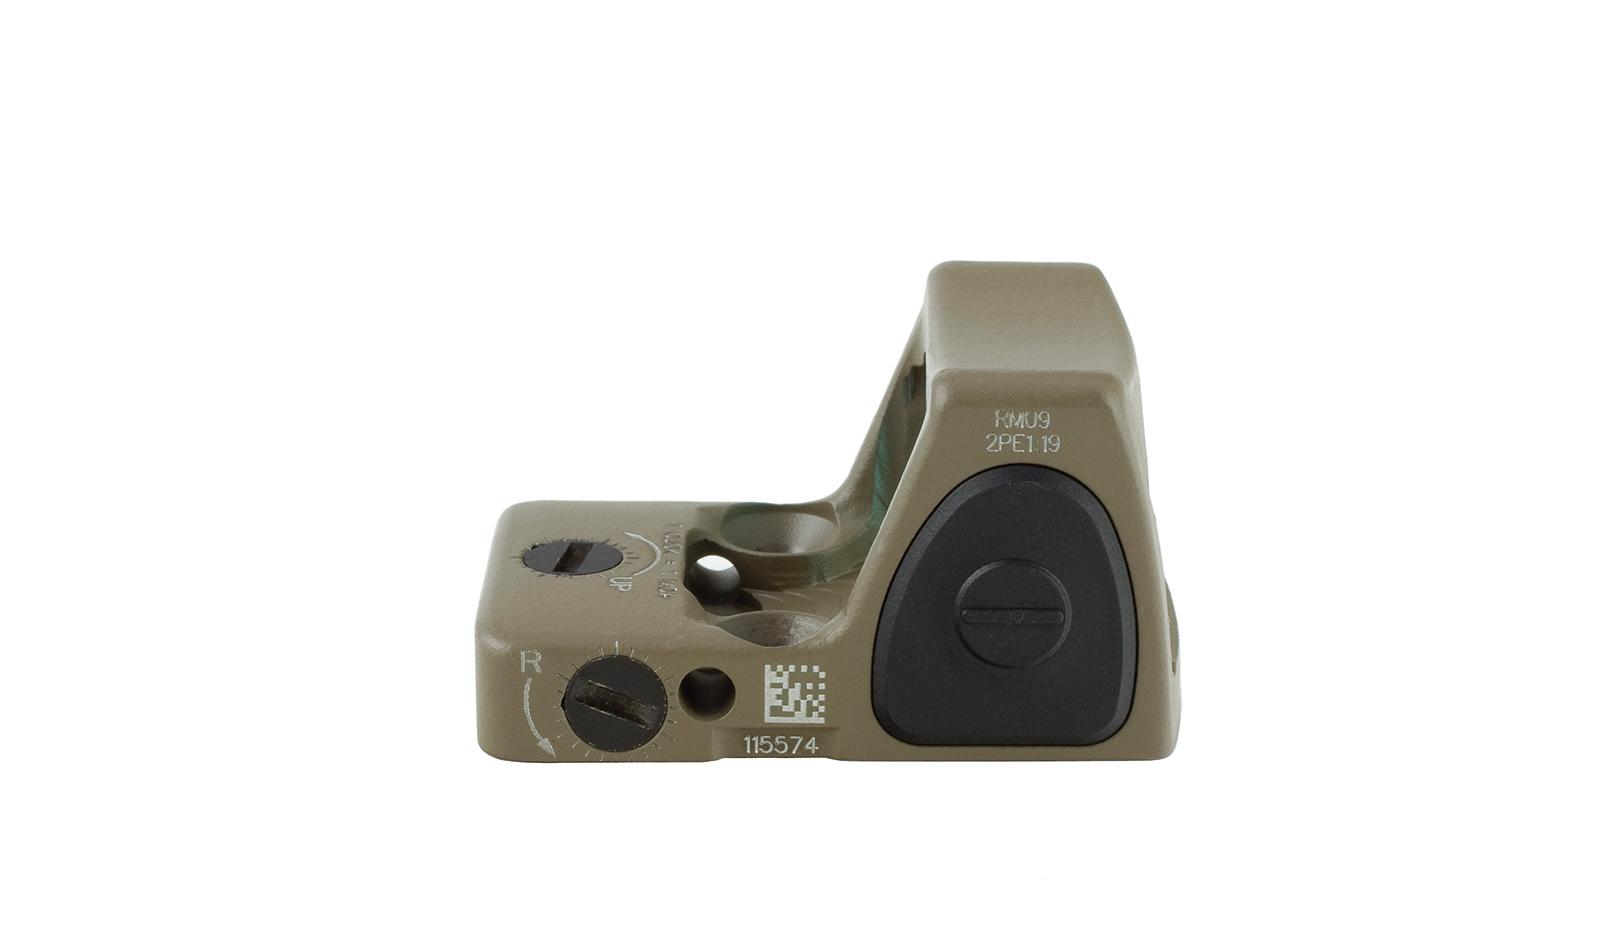 RM09-C-700745 angle 6